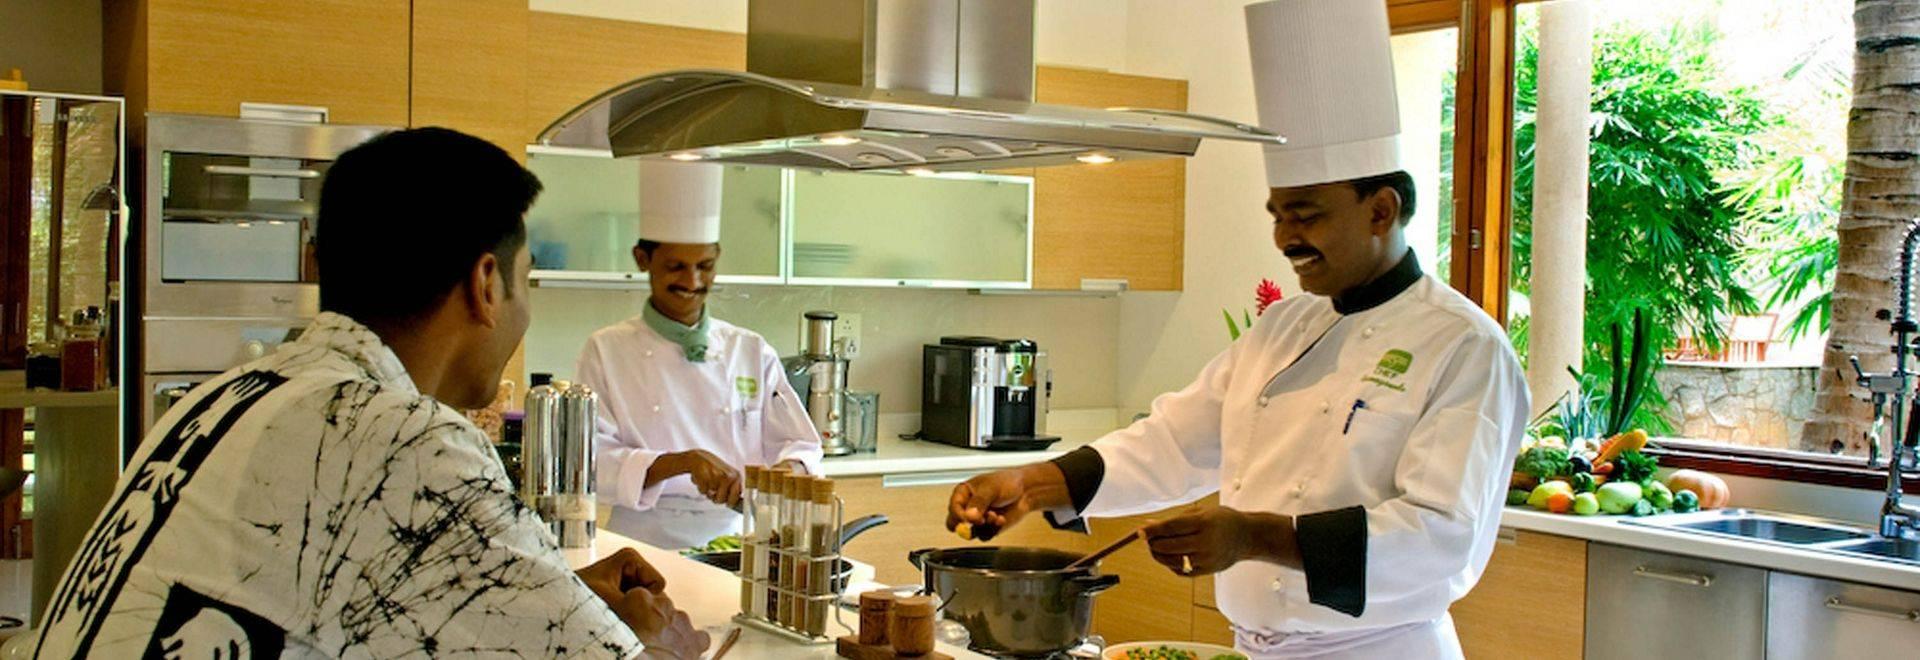 Shreyas-cooking-class.jpg